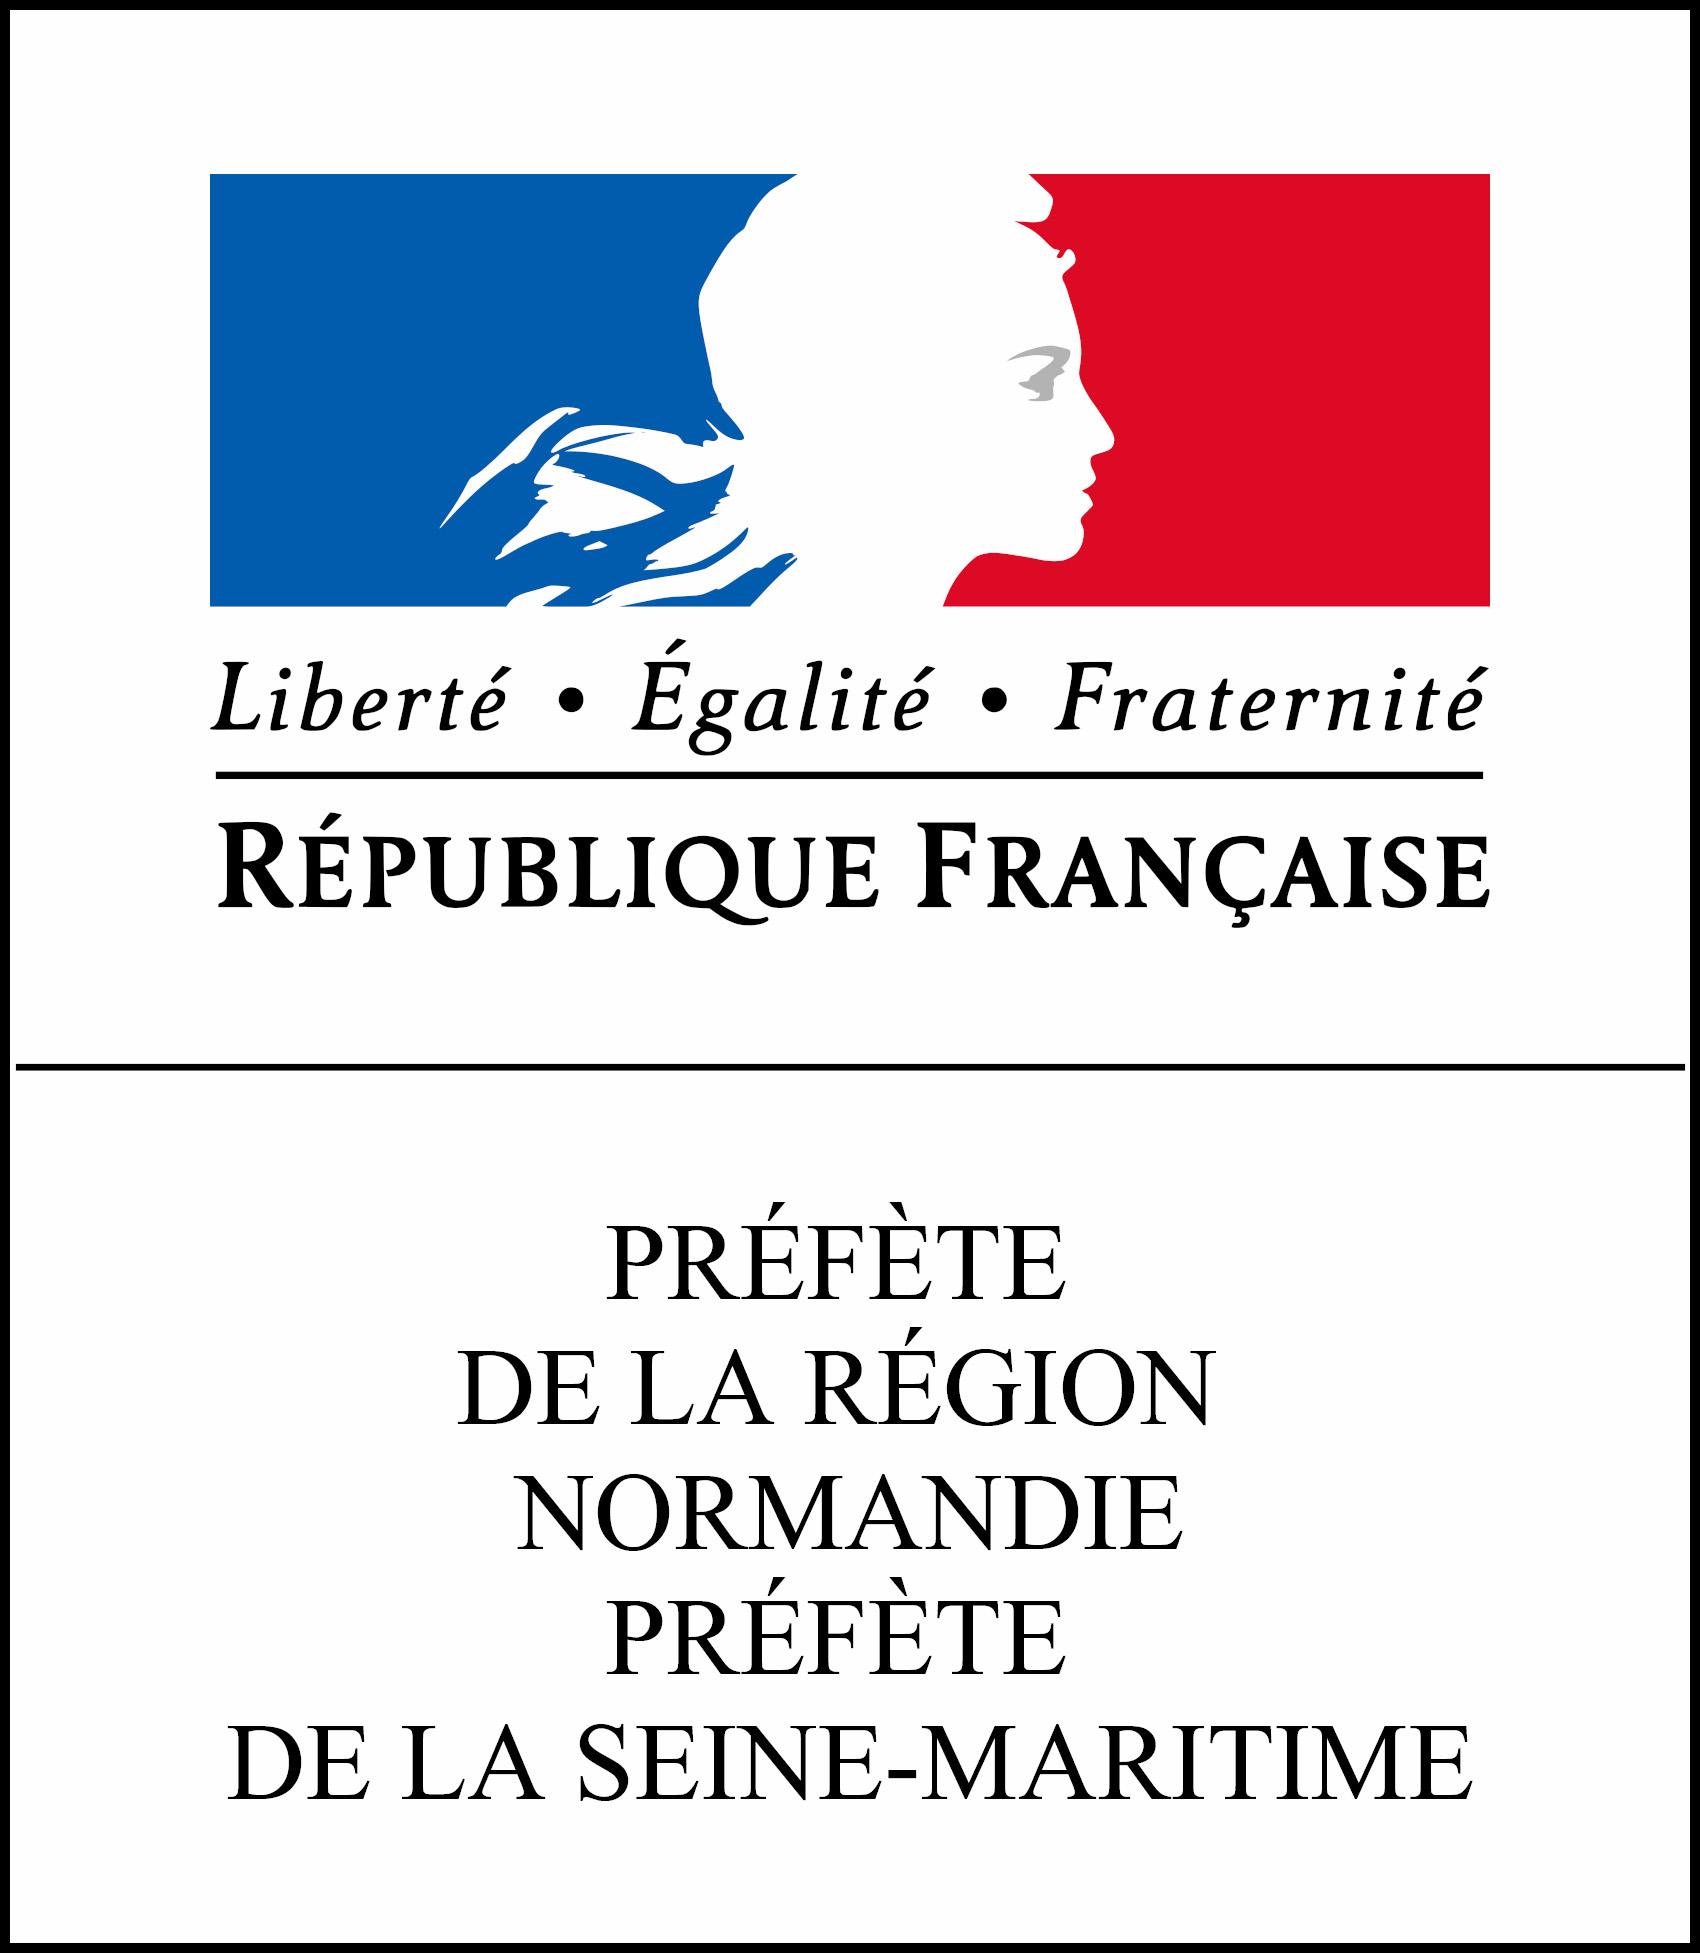 logo_prefete_ndie_sm_pf2016